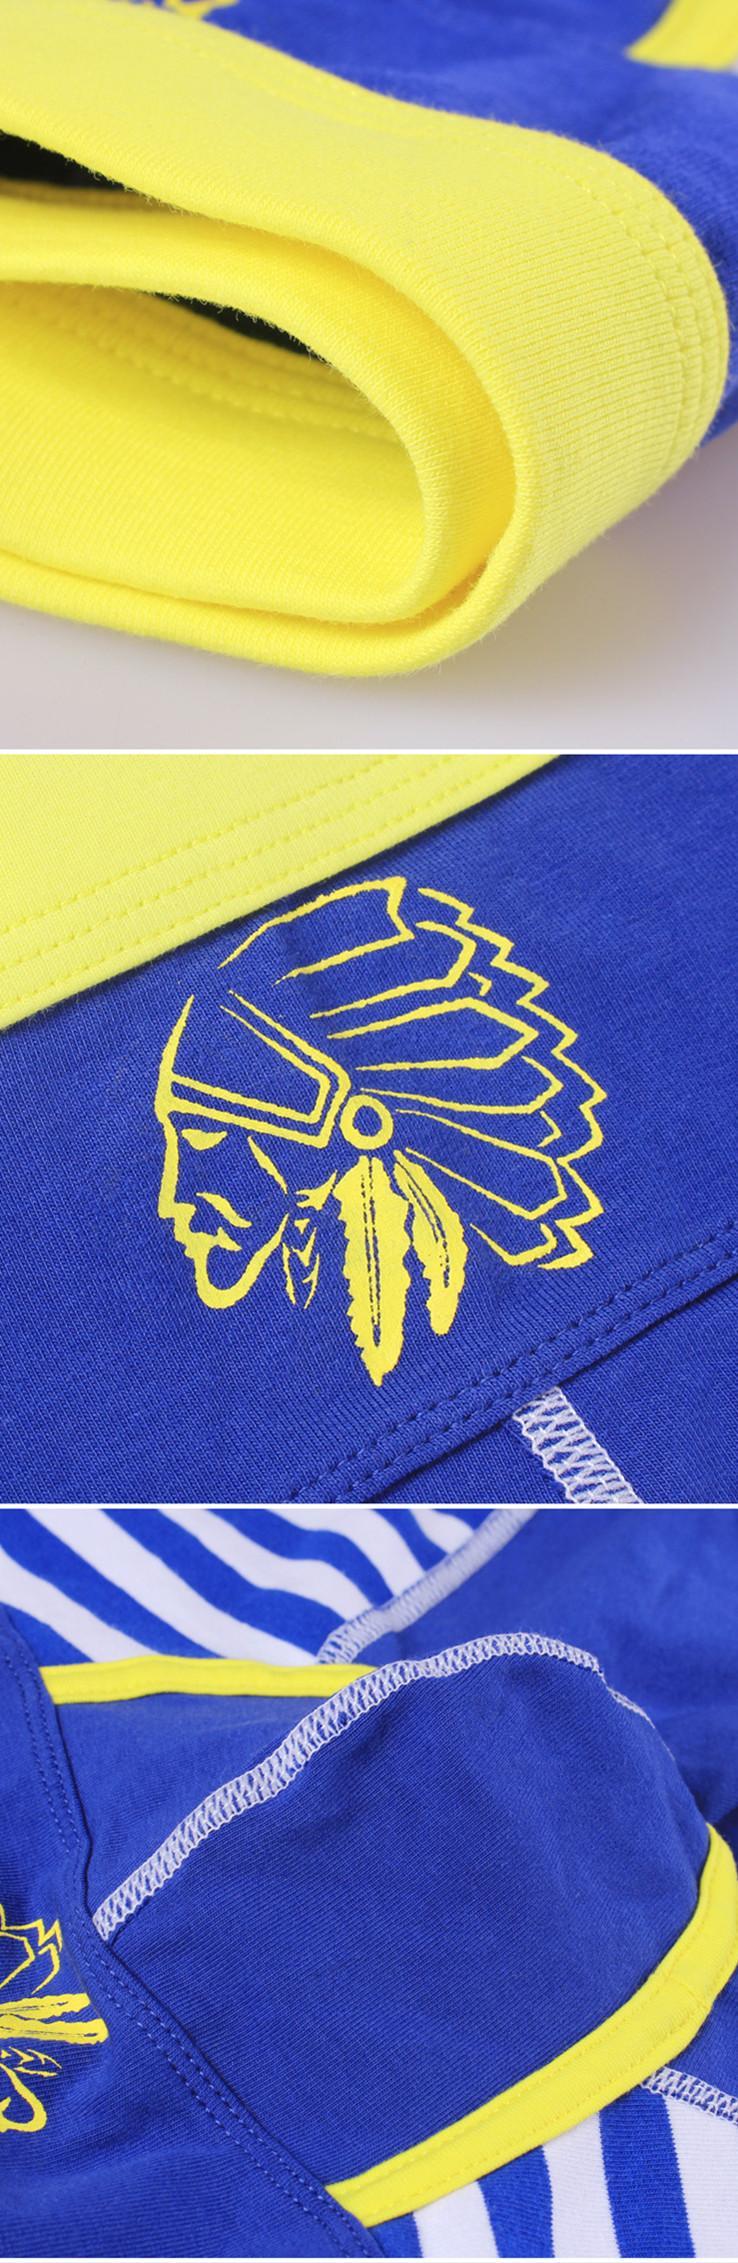 Pantalon collant jeunesse H0856# en coton - Ref 764574 Image 19